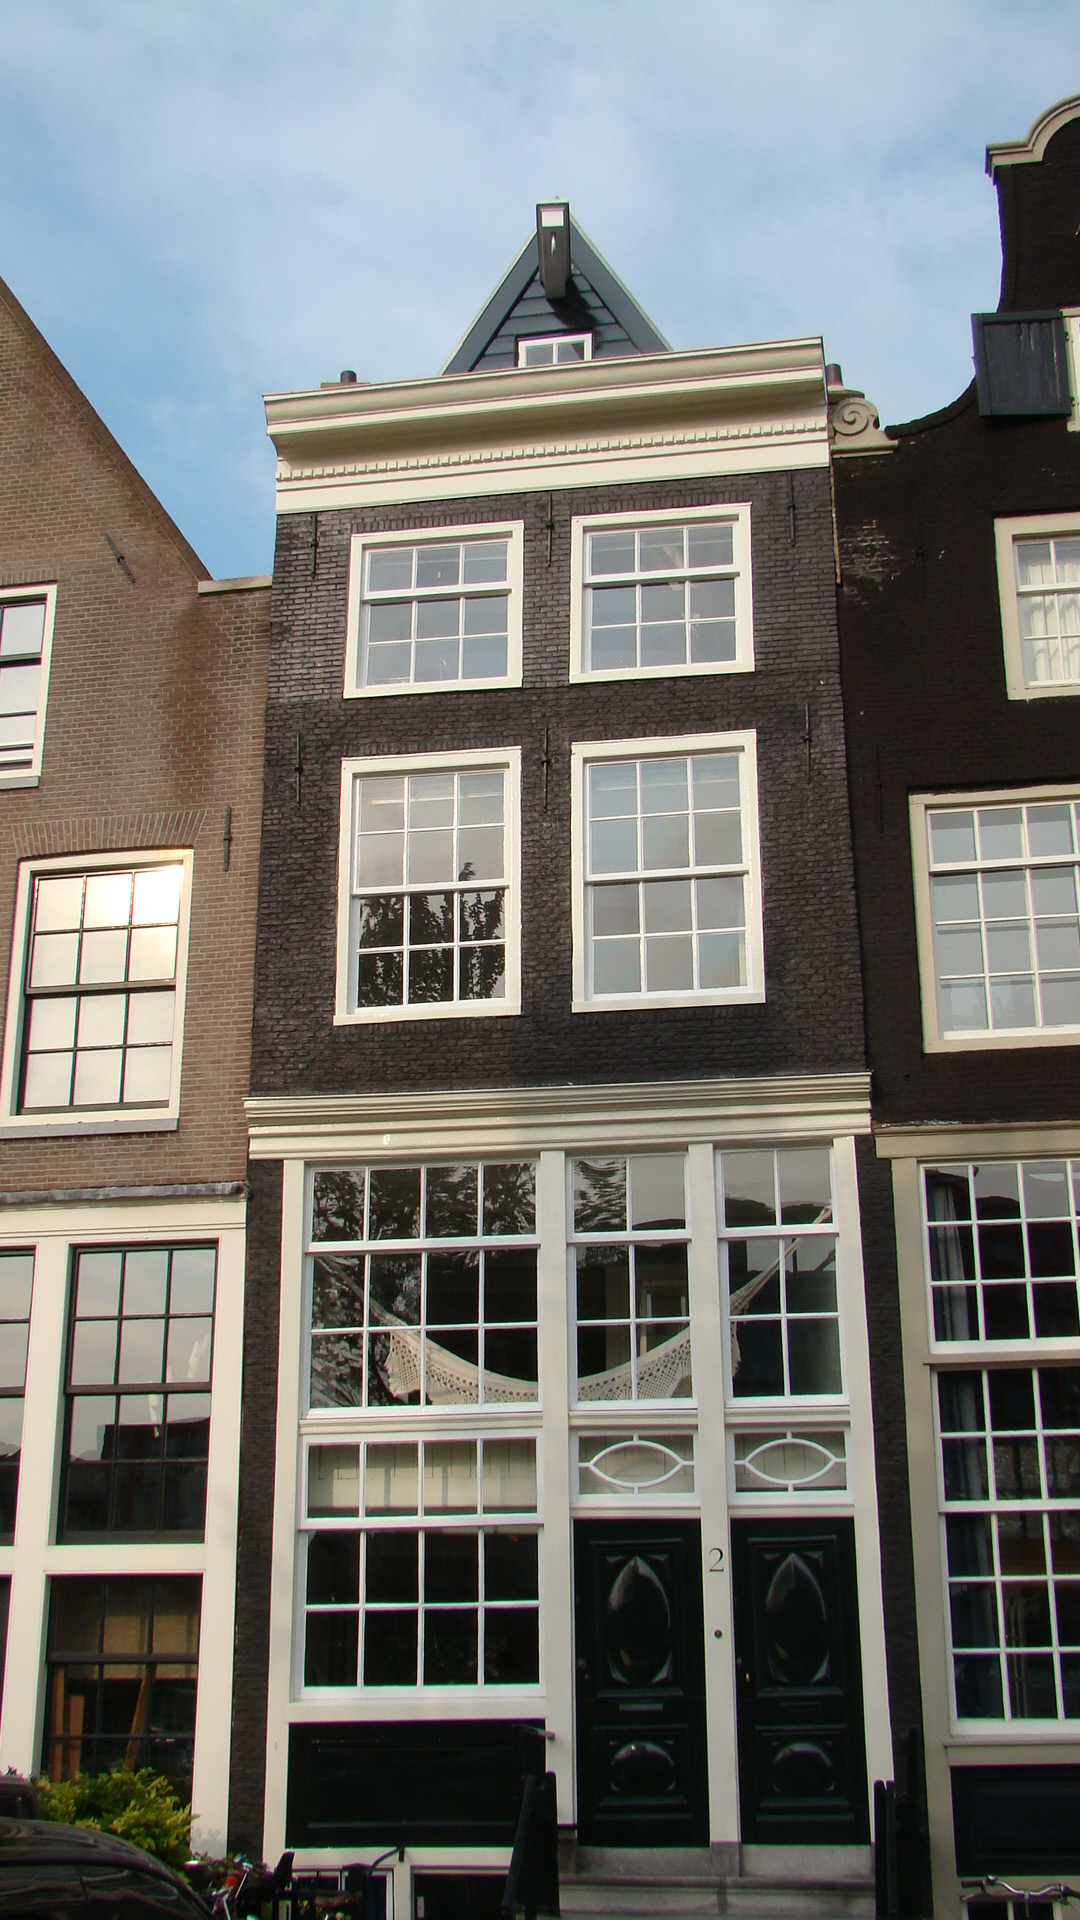 Huis met gevel op houten pui onder rechte lijst in amsterdam monument - Huis gevel ...